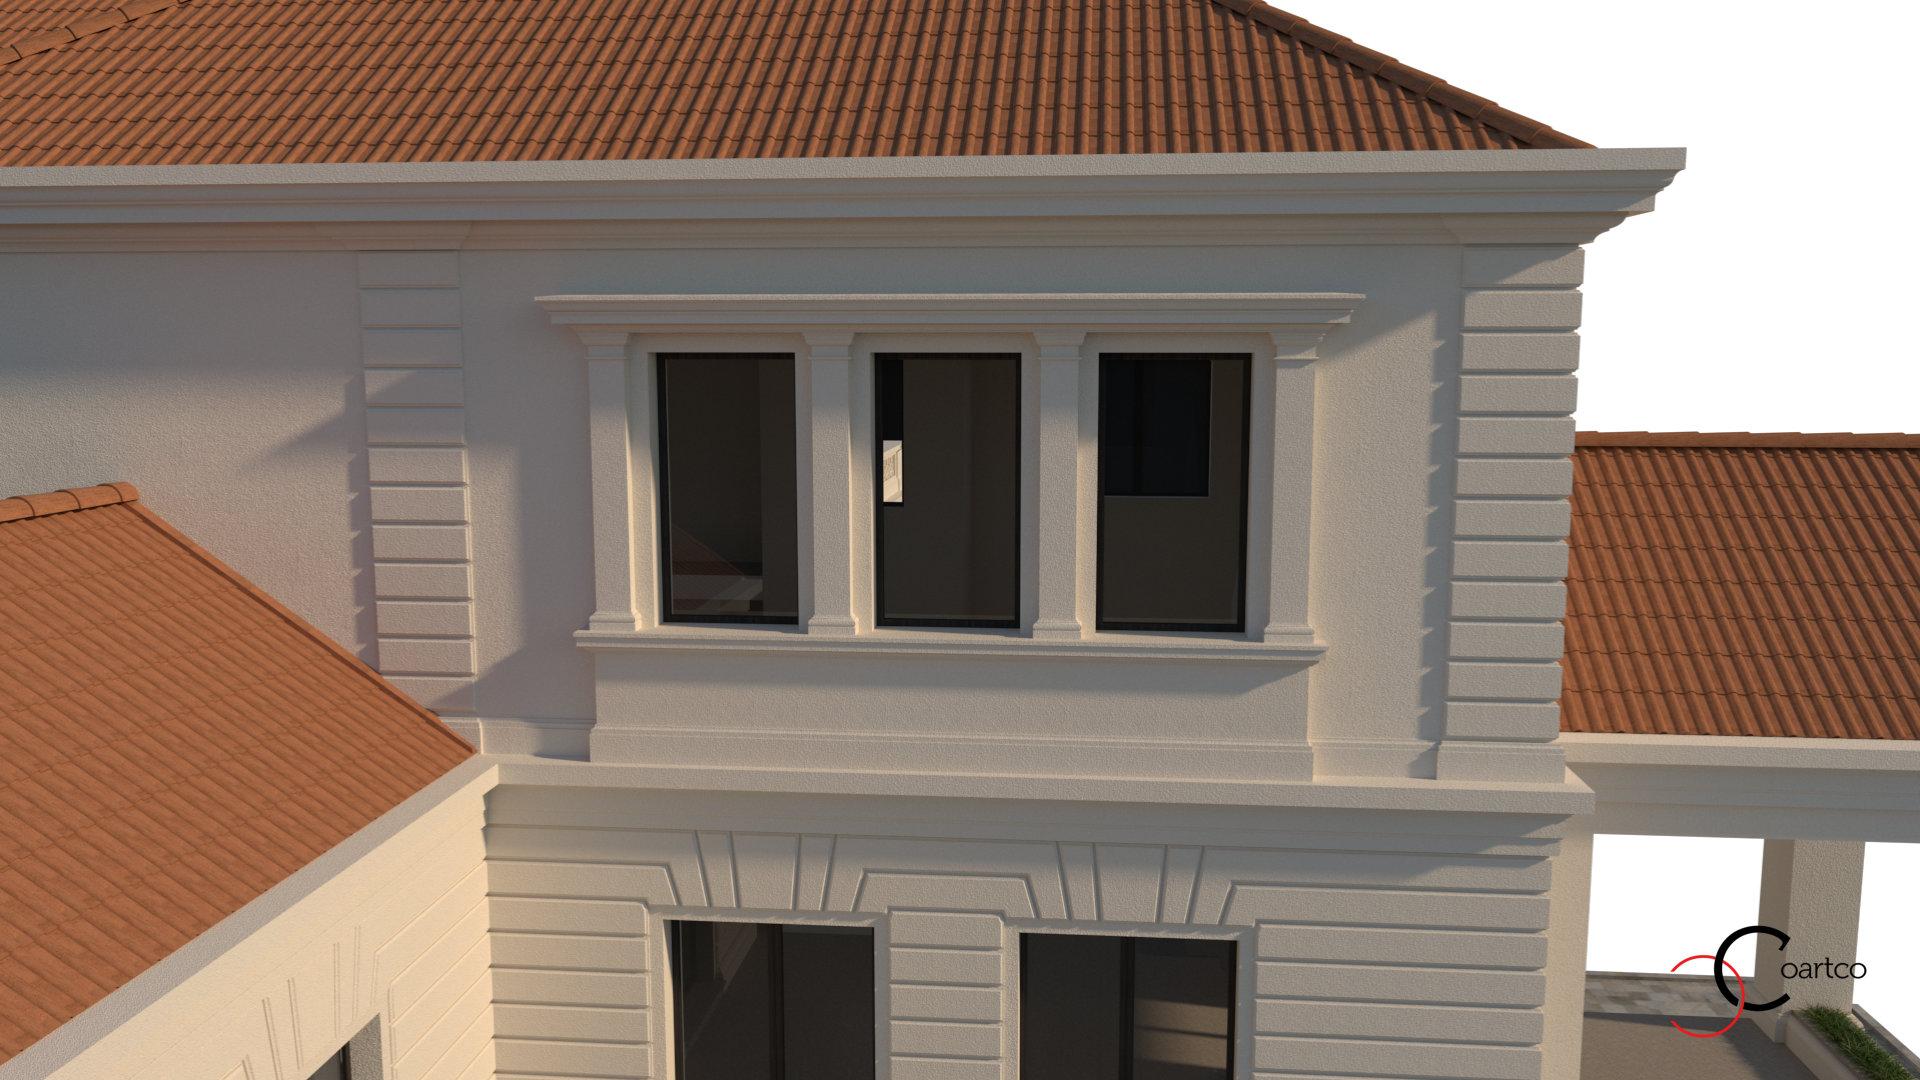 decoratiuni-case-exterioare